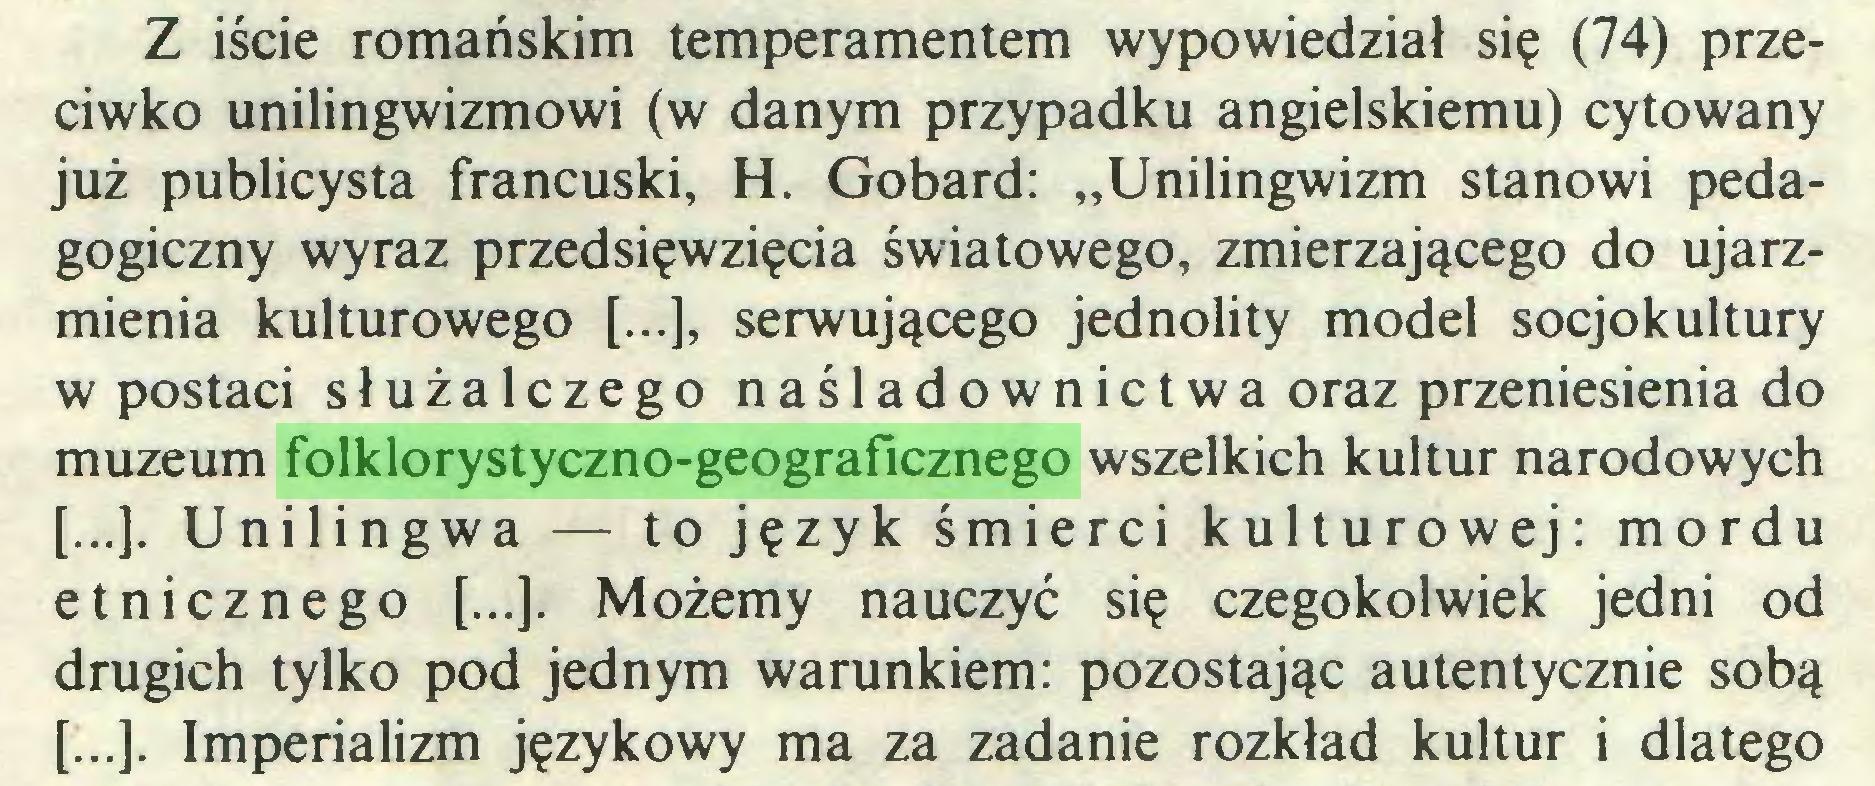 """(...) Z iście romańskim temperamentem wypowiedział się (74) przeciwko unilingwizmowi (w danym przypadku angielskiemu) cytowany już publicysta francuski, H. Gobard: """"Unilingwizm stanowi pedagogiczny wyraz przedsięwzięcia światowego, zmierzającego do ujarzmienia kulturowego [...], serwującego jednolity model socjokultury w postaci służalczego naśladownictwa oraz przeniesienia do muzeum folklorystyczno-geograficznego wszelkich kultur narodowych [...]. Unilingwa — to język śmierci kulturowej: mordu etnicznego [...]. Możemy nauczyć się czegokolwiek jedni od drugich tylko pod jednym warunkiem: pozostając autentycznie sobą [...]. Imperializm językowy ma za zadanie rozkład kultur i dlatego..."""